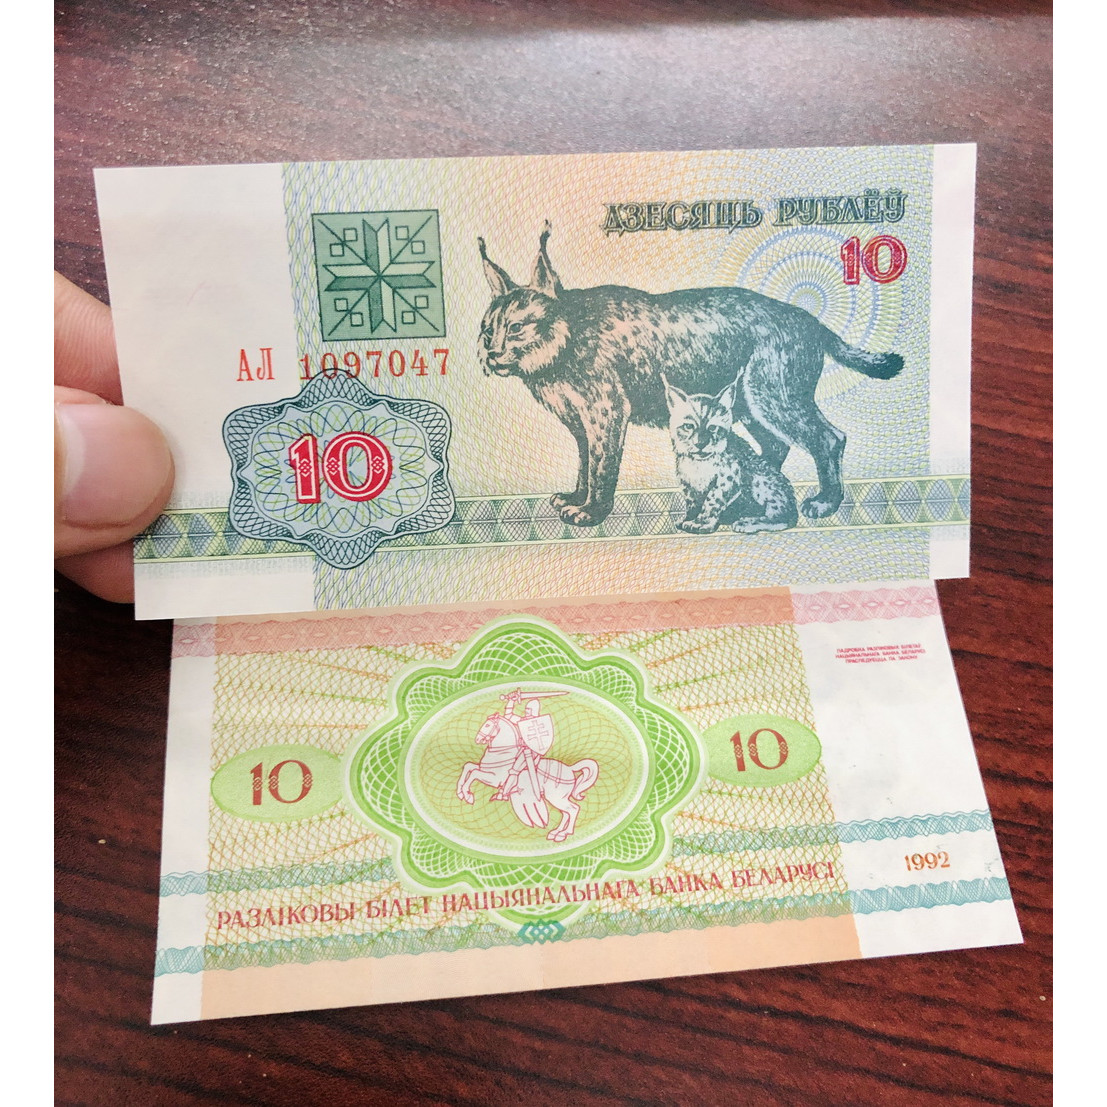 Tờ tiền hình con mèo Belarus , lì xì người tuổi Mẹo - kèm bao lì xì - mới 100% UNC